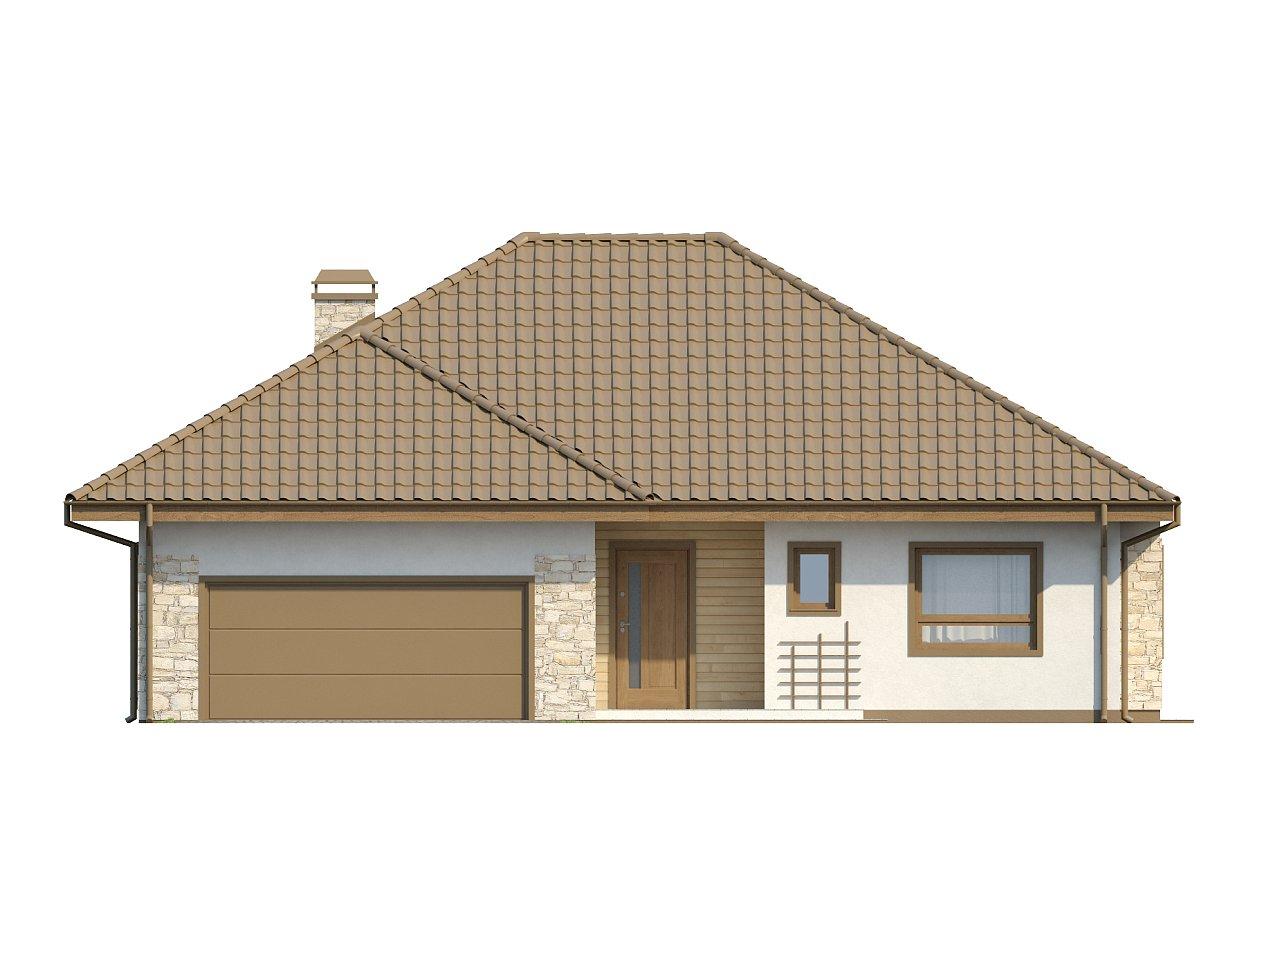 Одноэтажный удобный дом с фронтальным гаражом, с возможностью обустройства мансарды. - фото 14